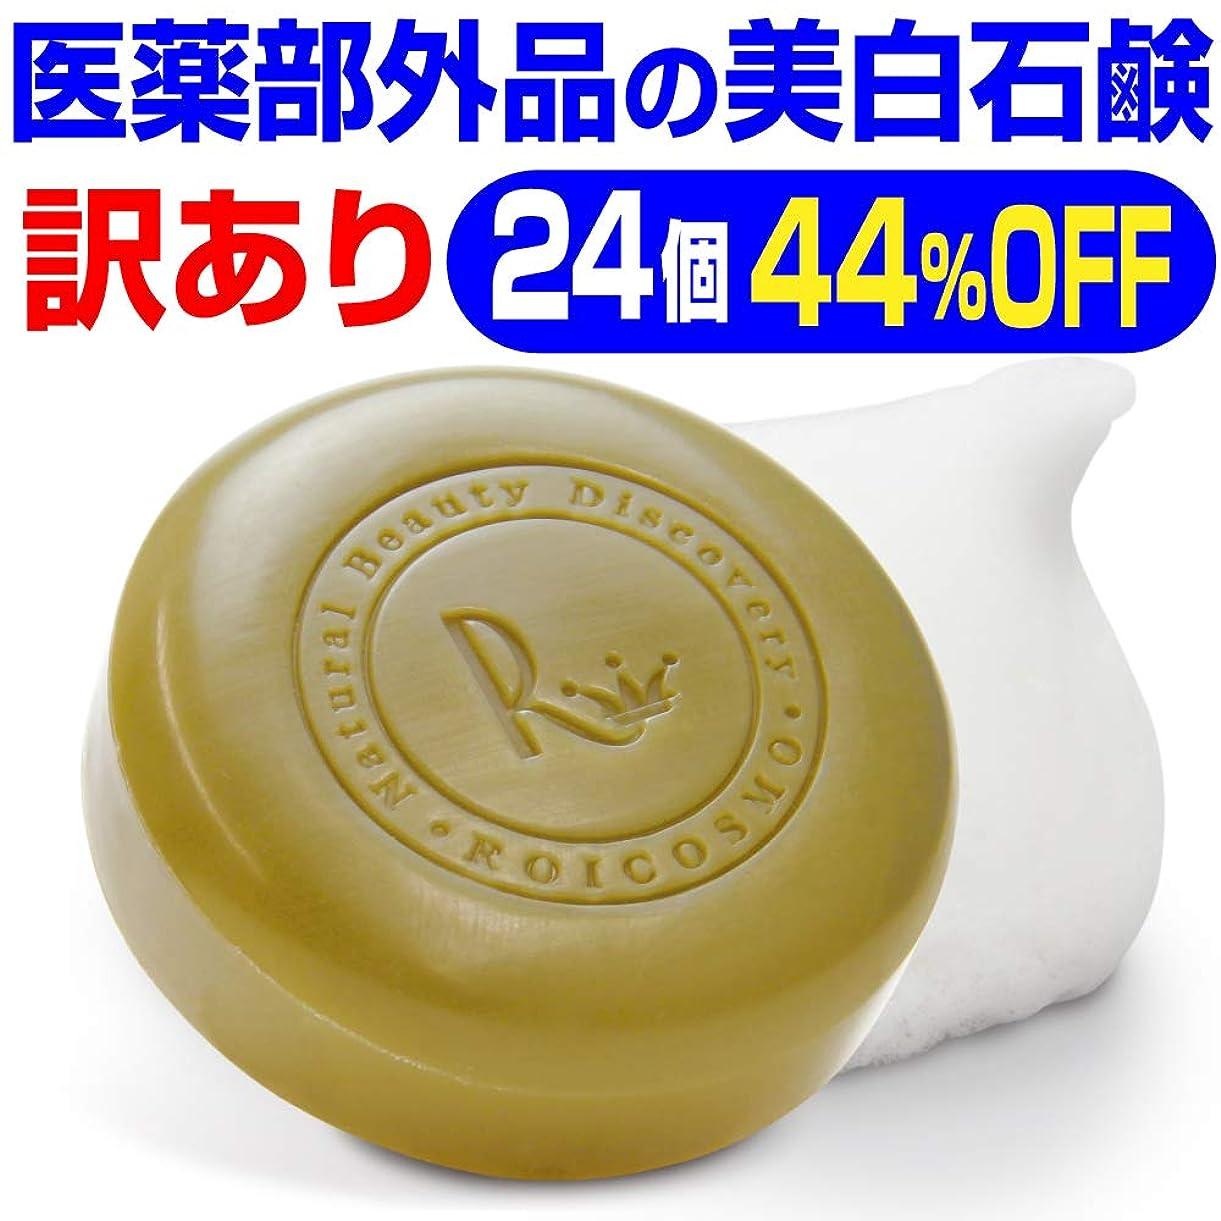 甘やかすラダ正確な訳あり44%OFF(1個2,143円)売切れ御免 ビタミンC270倍の美白成分の 洗顔石鹸『ホワイトソープ100g×24個』